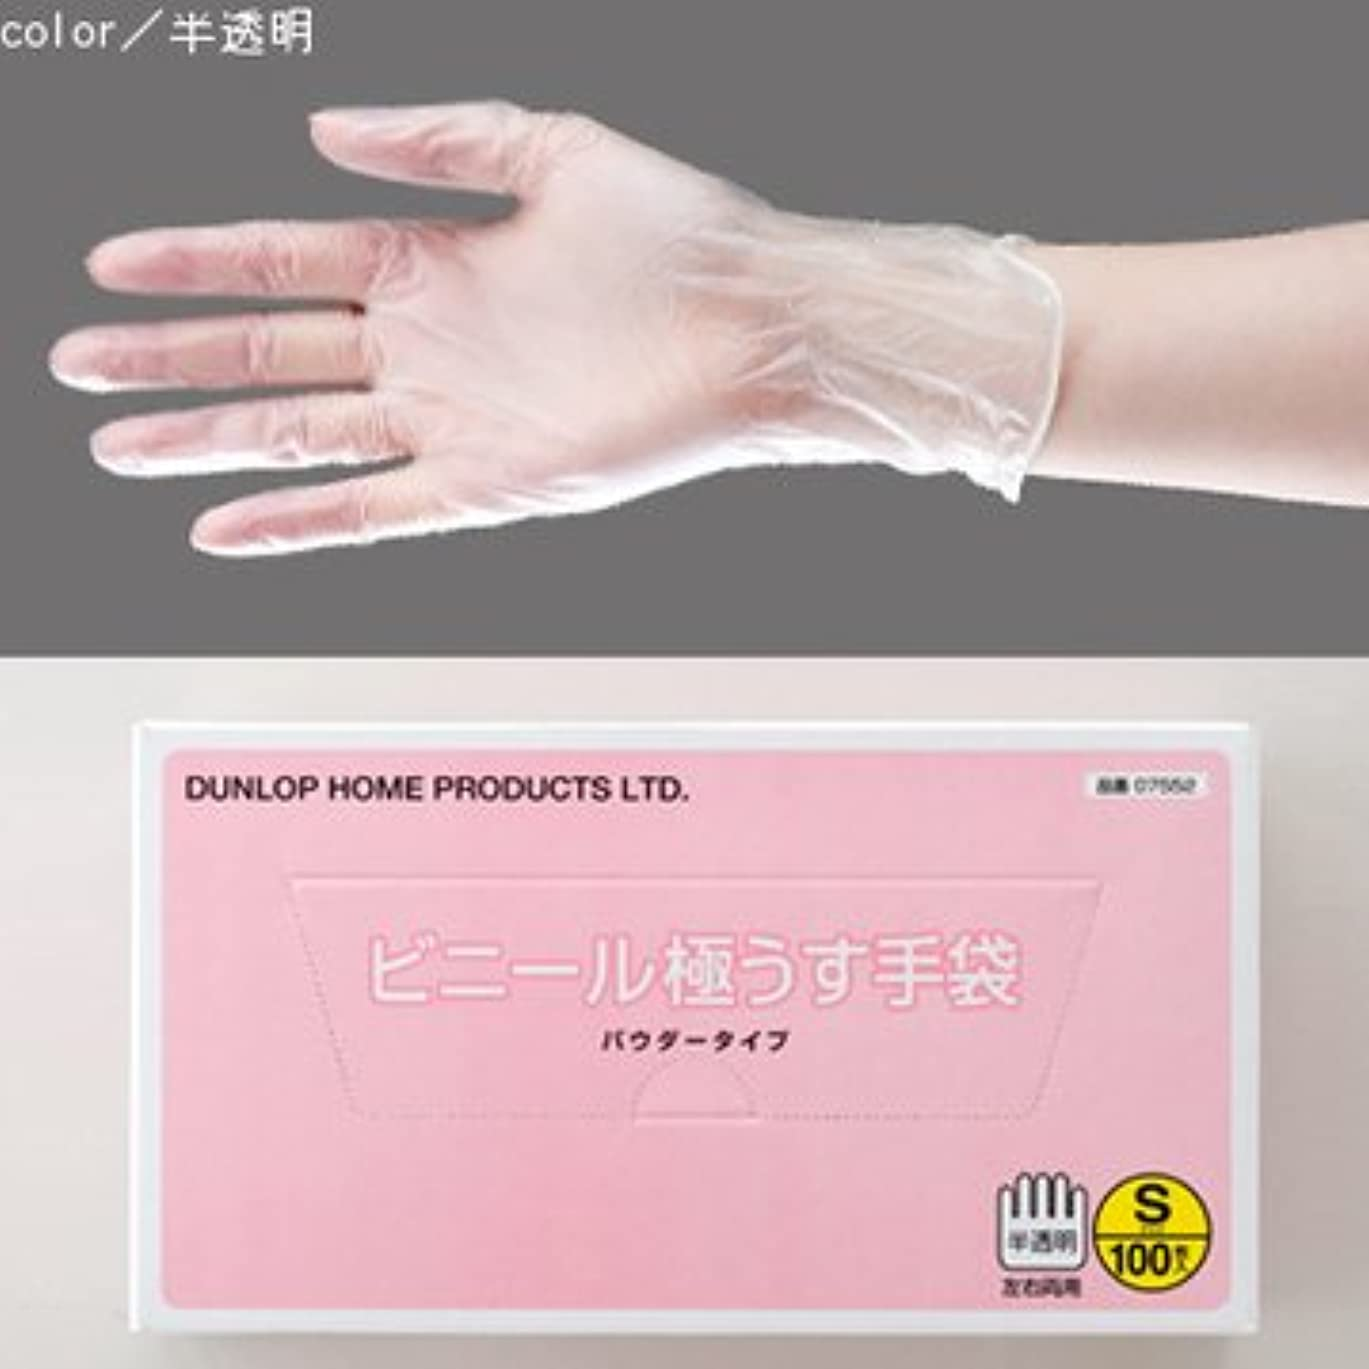 満足させる教養がある警告するビニール極うす手袋 100枚入 (M)